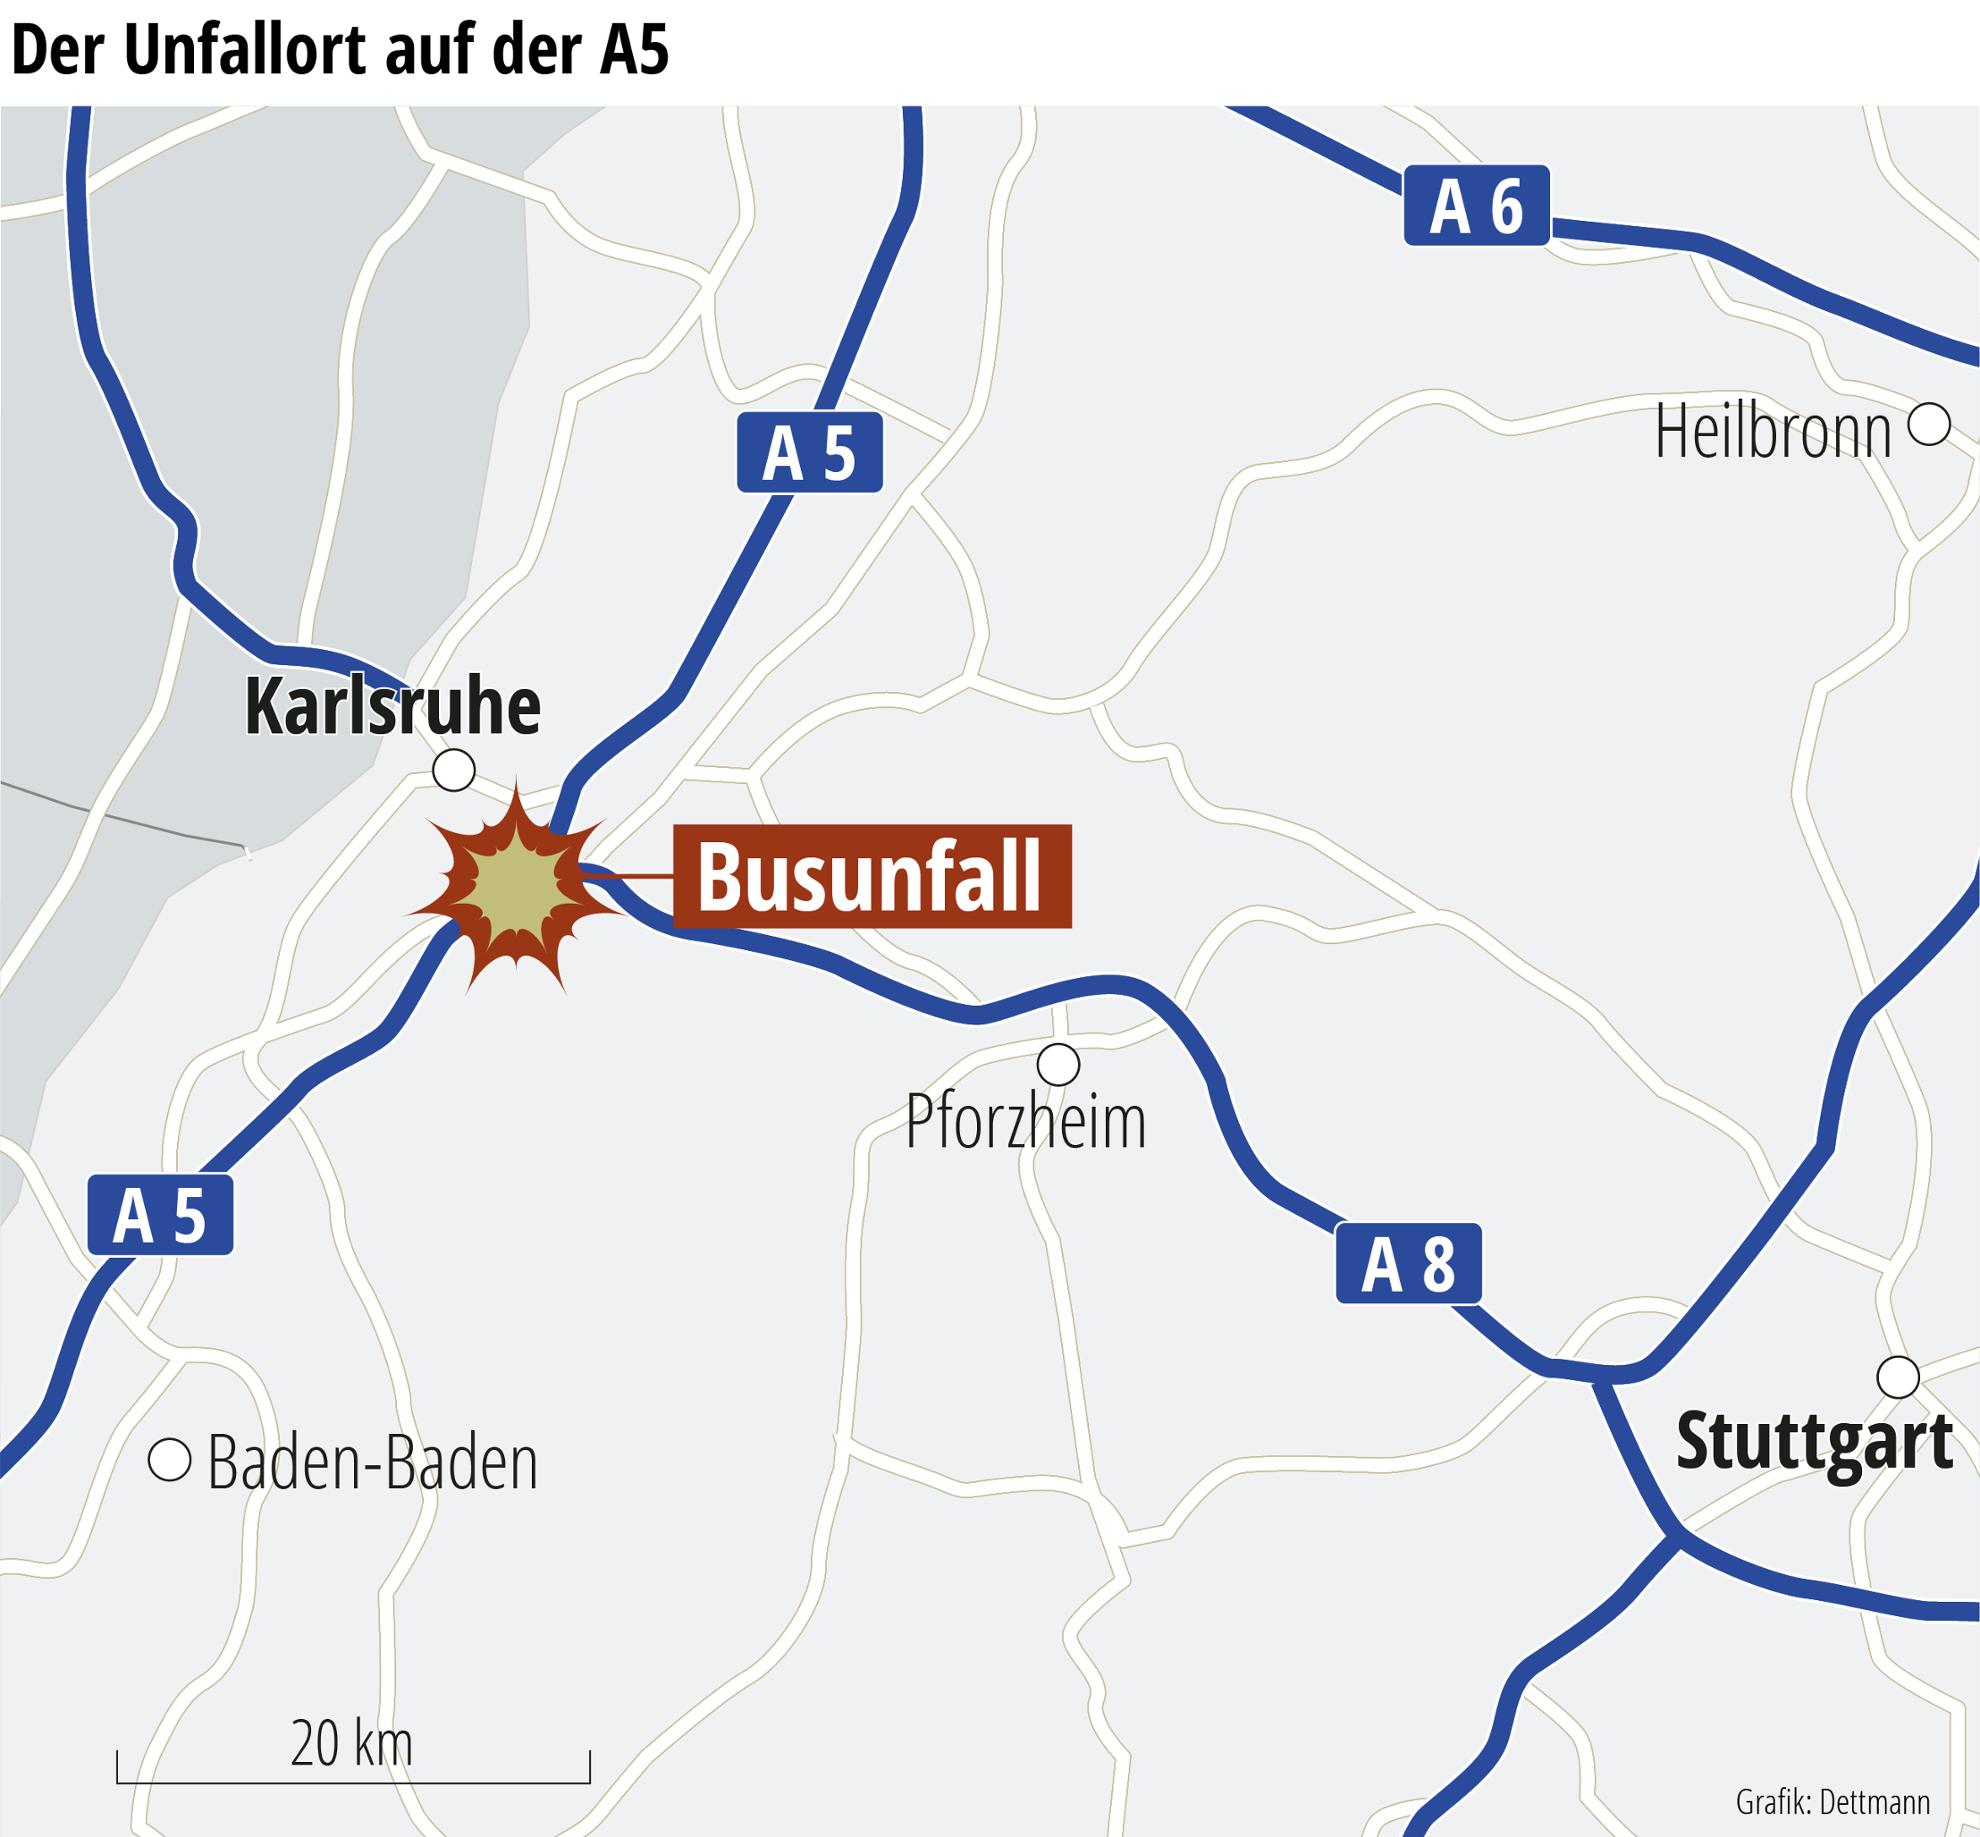 Busunglück Karlsruhe